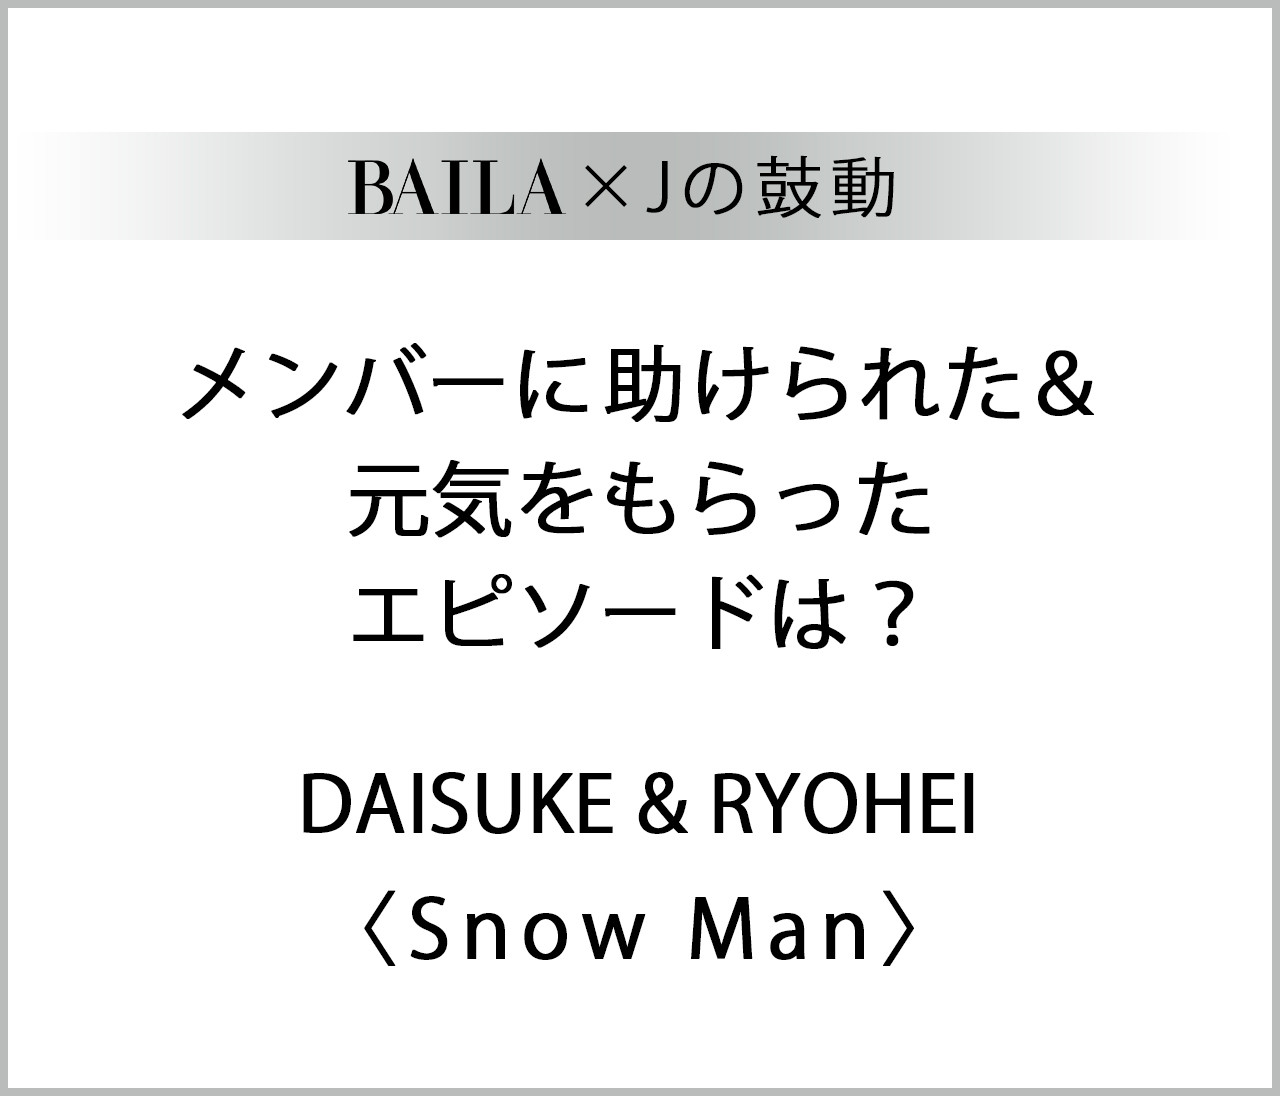 【 #SnowMan #佐久間大介 #阿部亮平 】メンバーに助けられた&元気をもらったエピソードは?【BAILA × Jの鼓動】